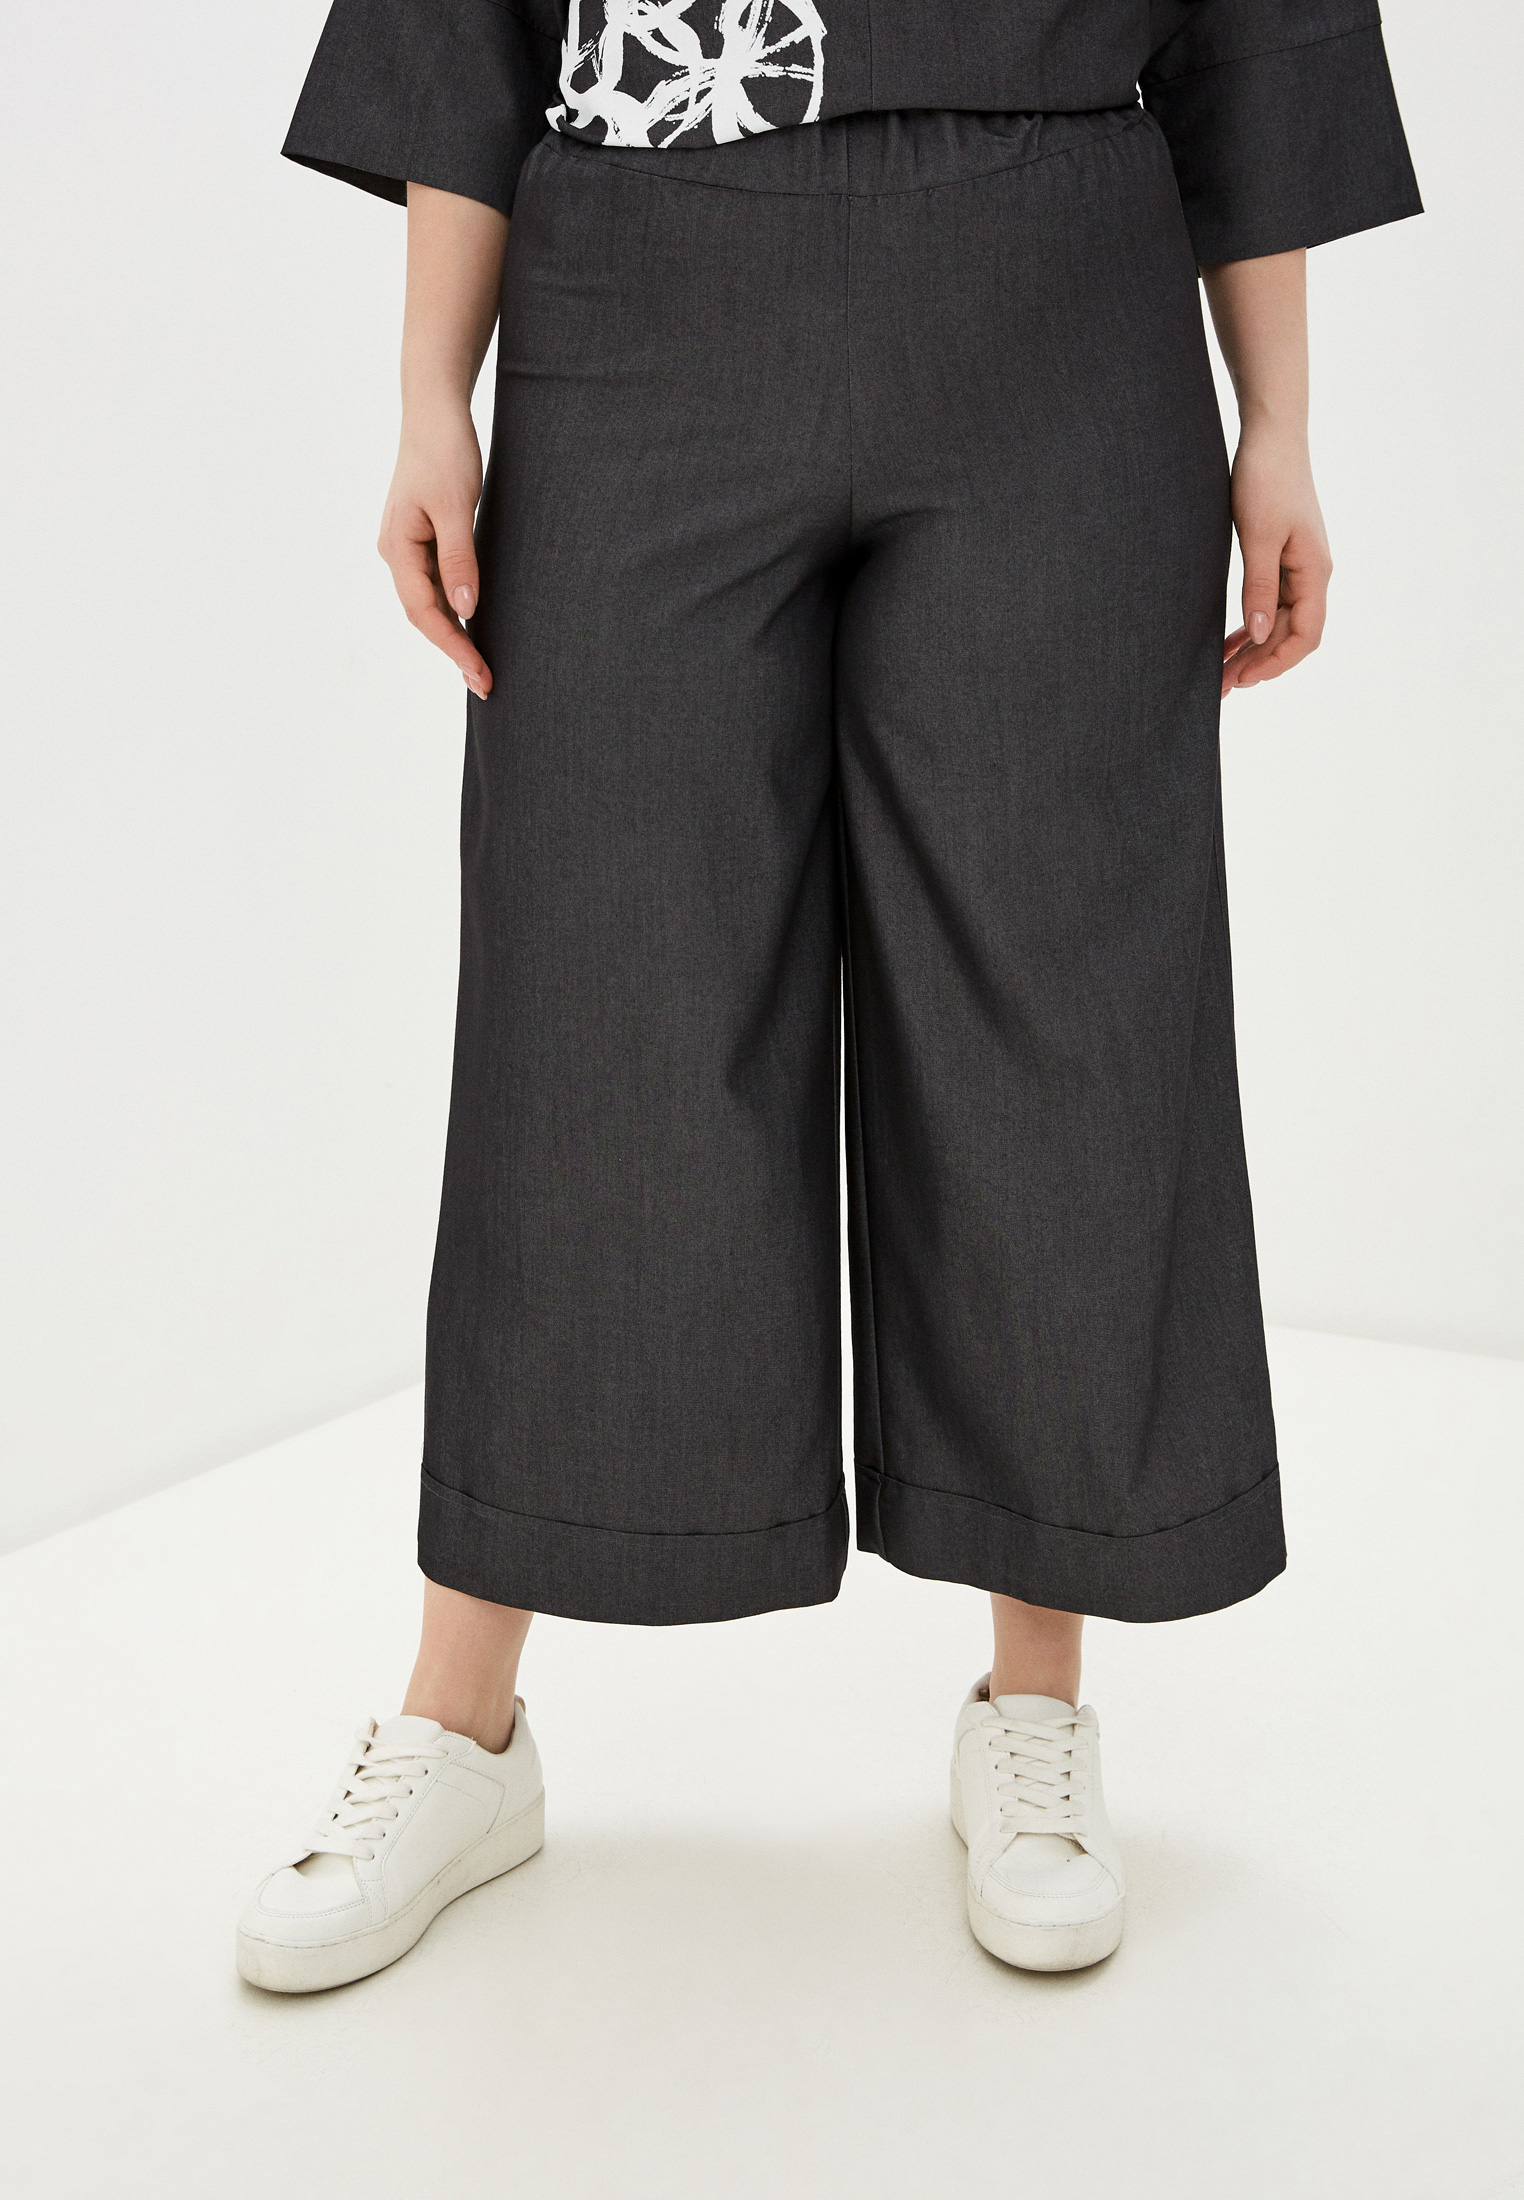 Женские широкие и расклешенные брюки Sophia MG180771012